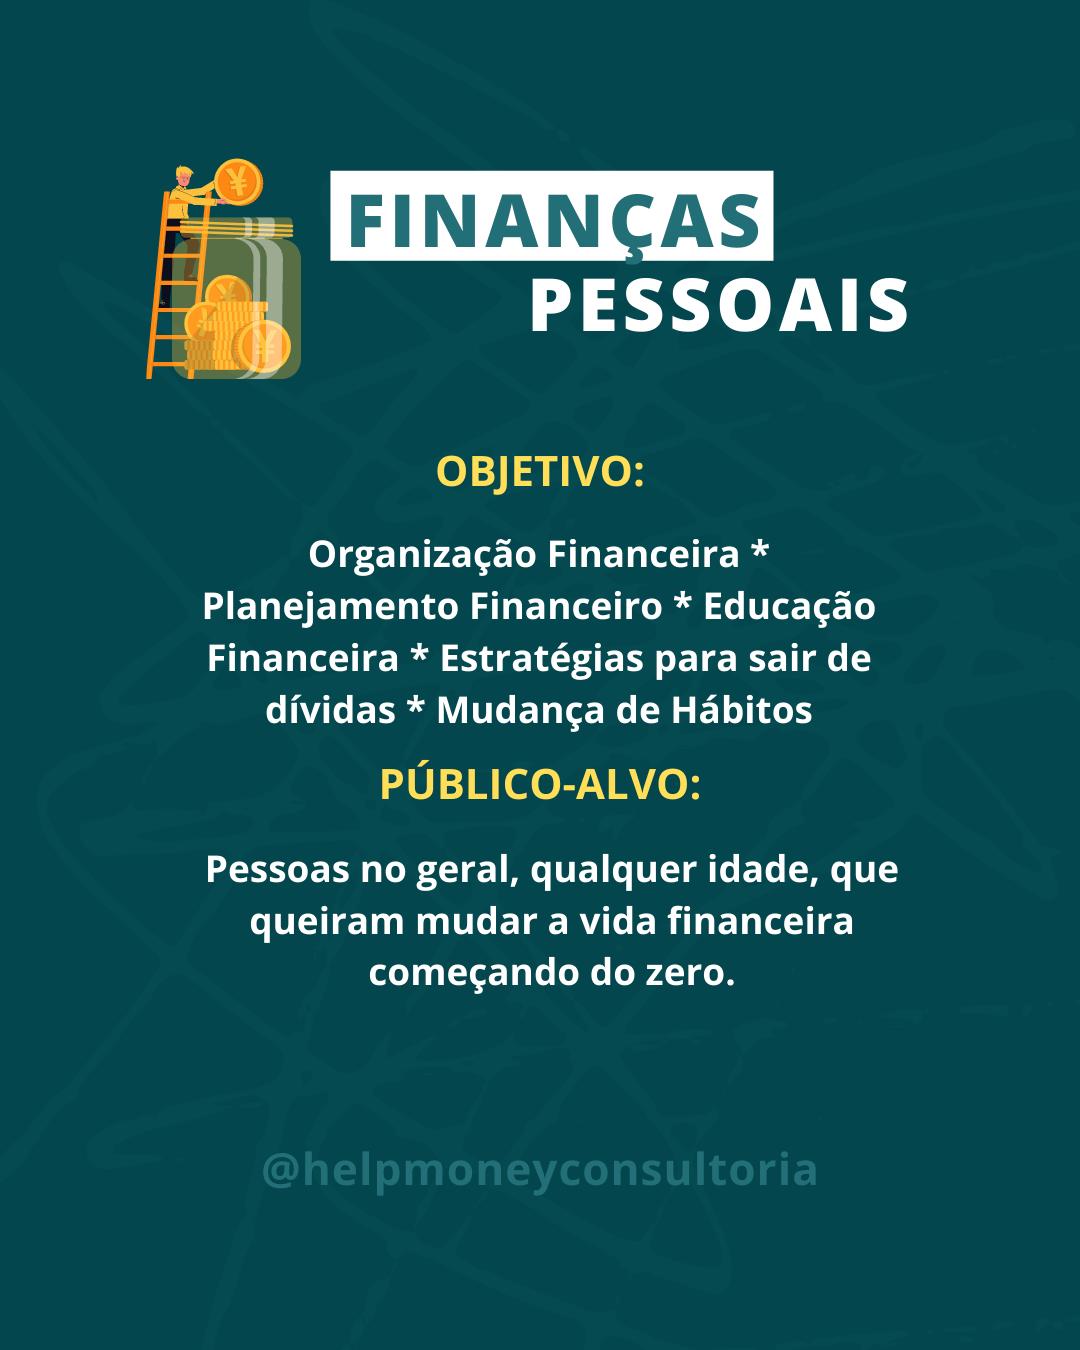 Consultoria Finanças Pessoais